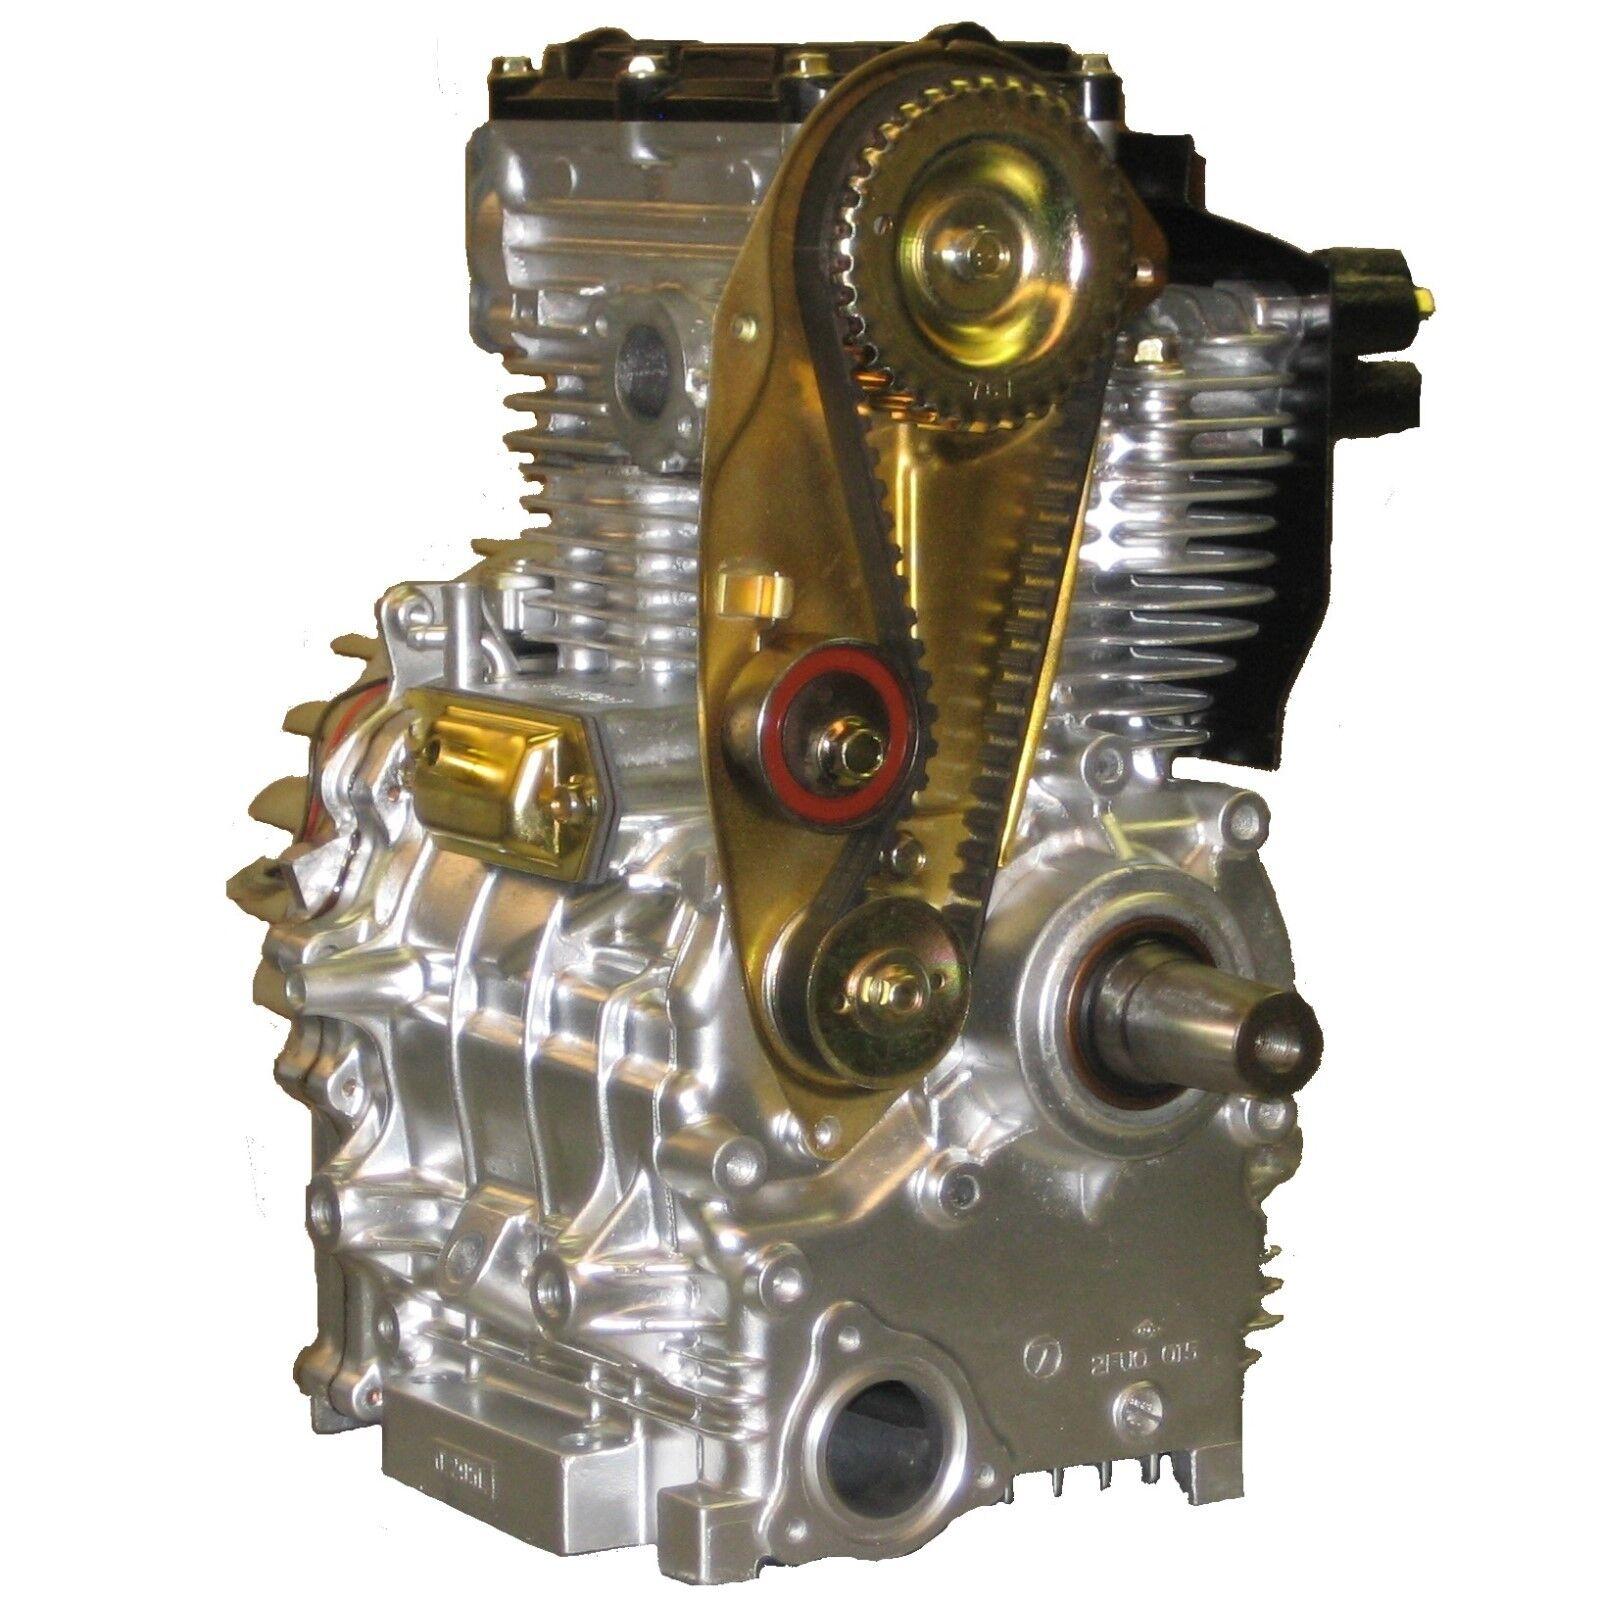 Golf Cart Engines Eh29c Robin Engine Wiring Ezgo Eh Exchange Remanufactured Motor Ebay 1599x1600